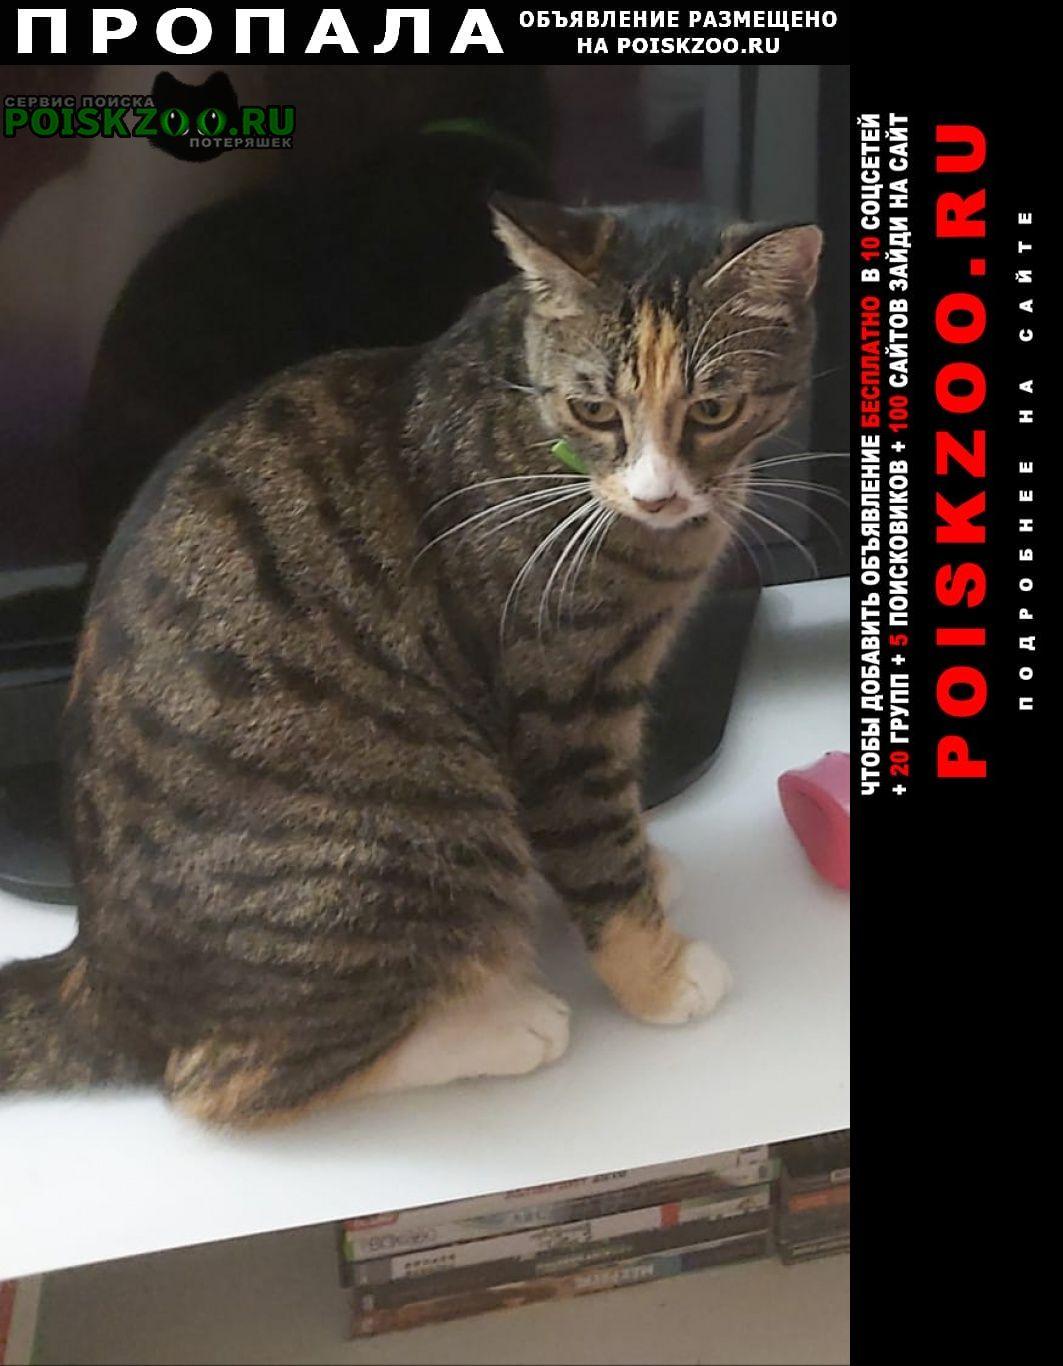 Пропала кошка Хабаровск